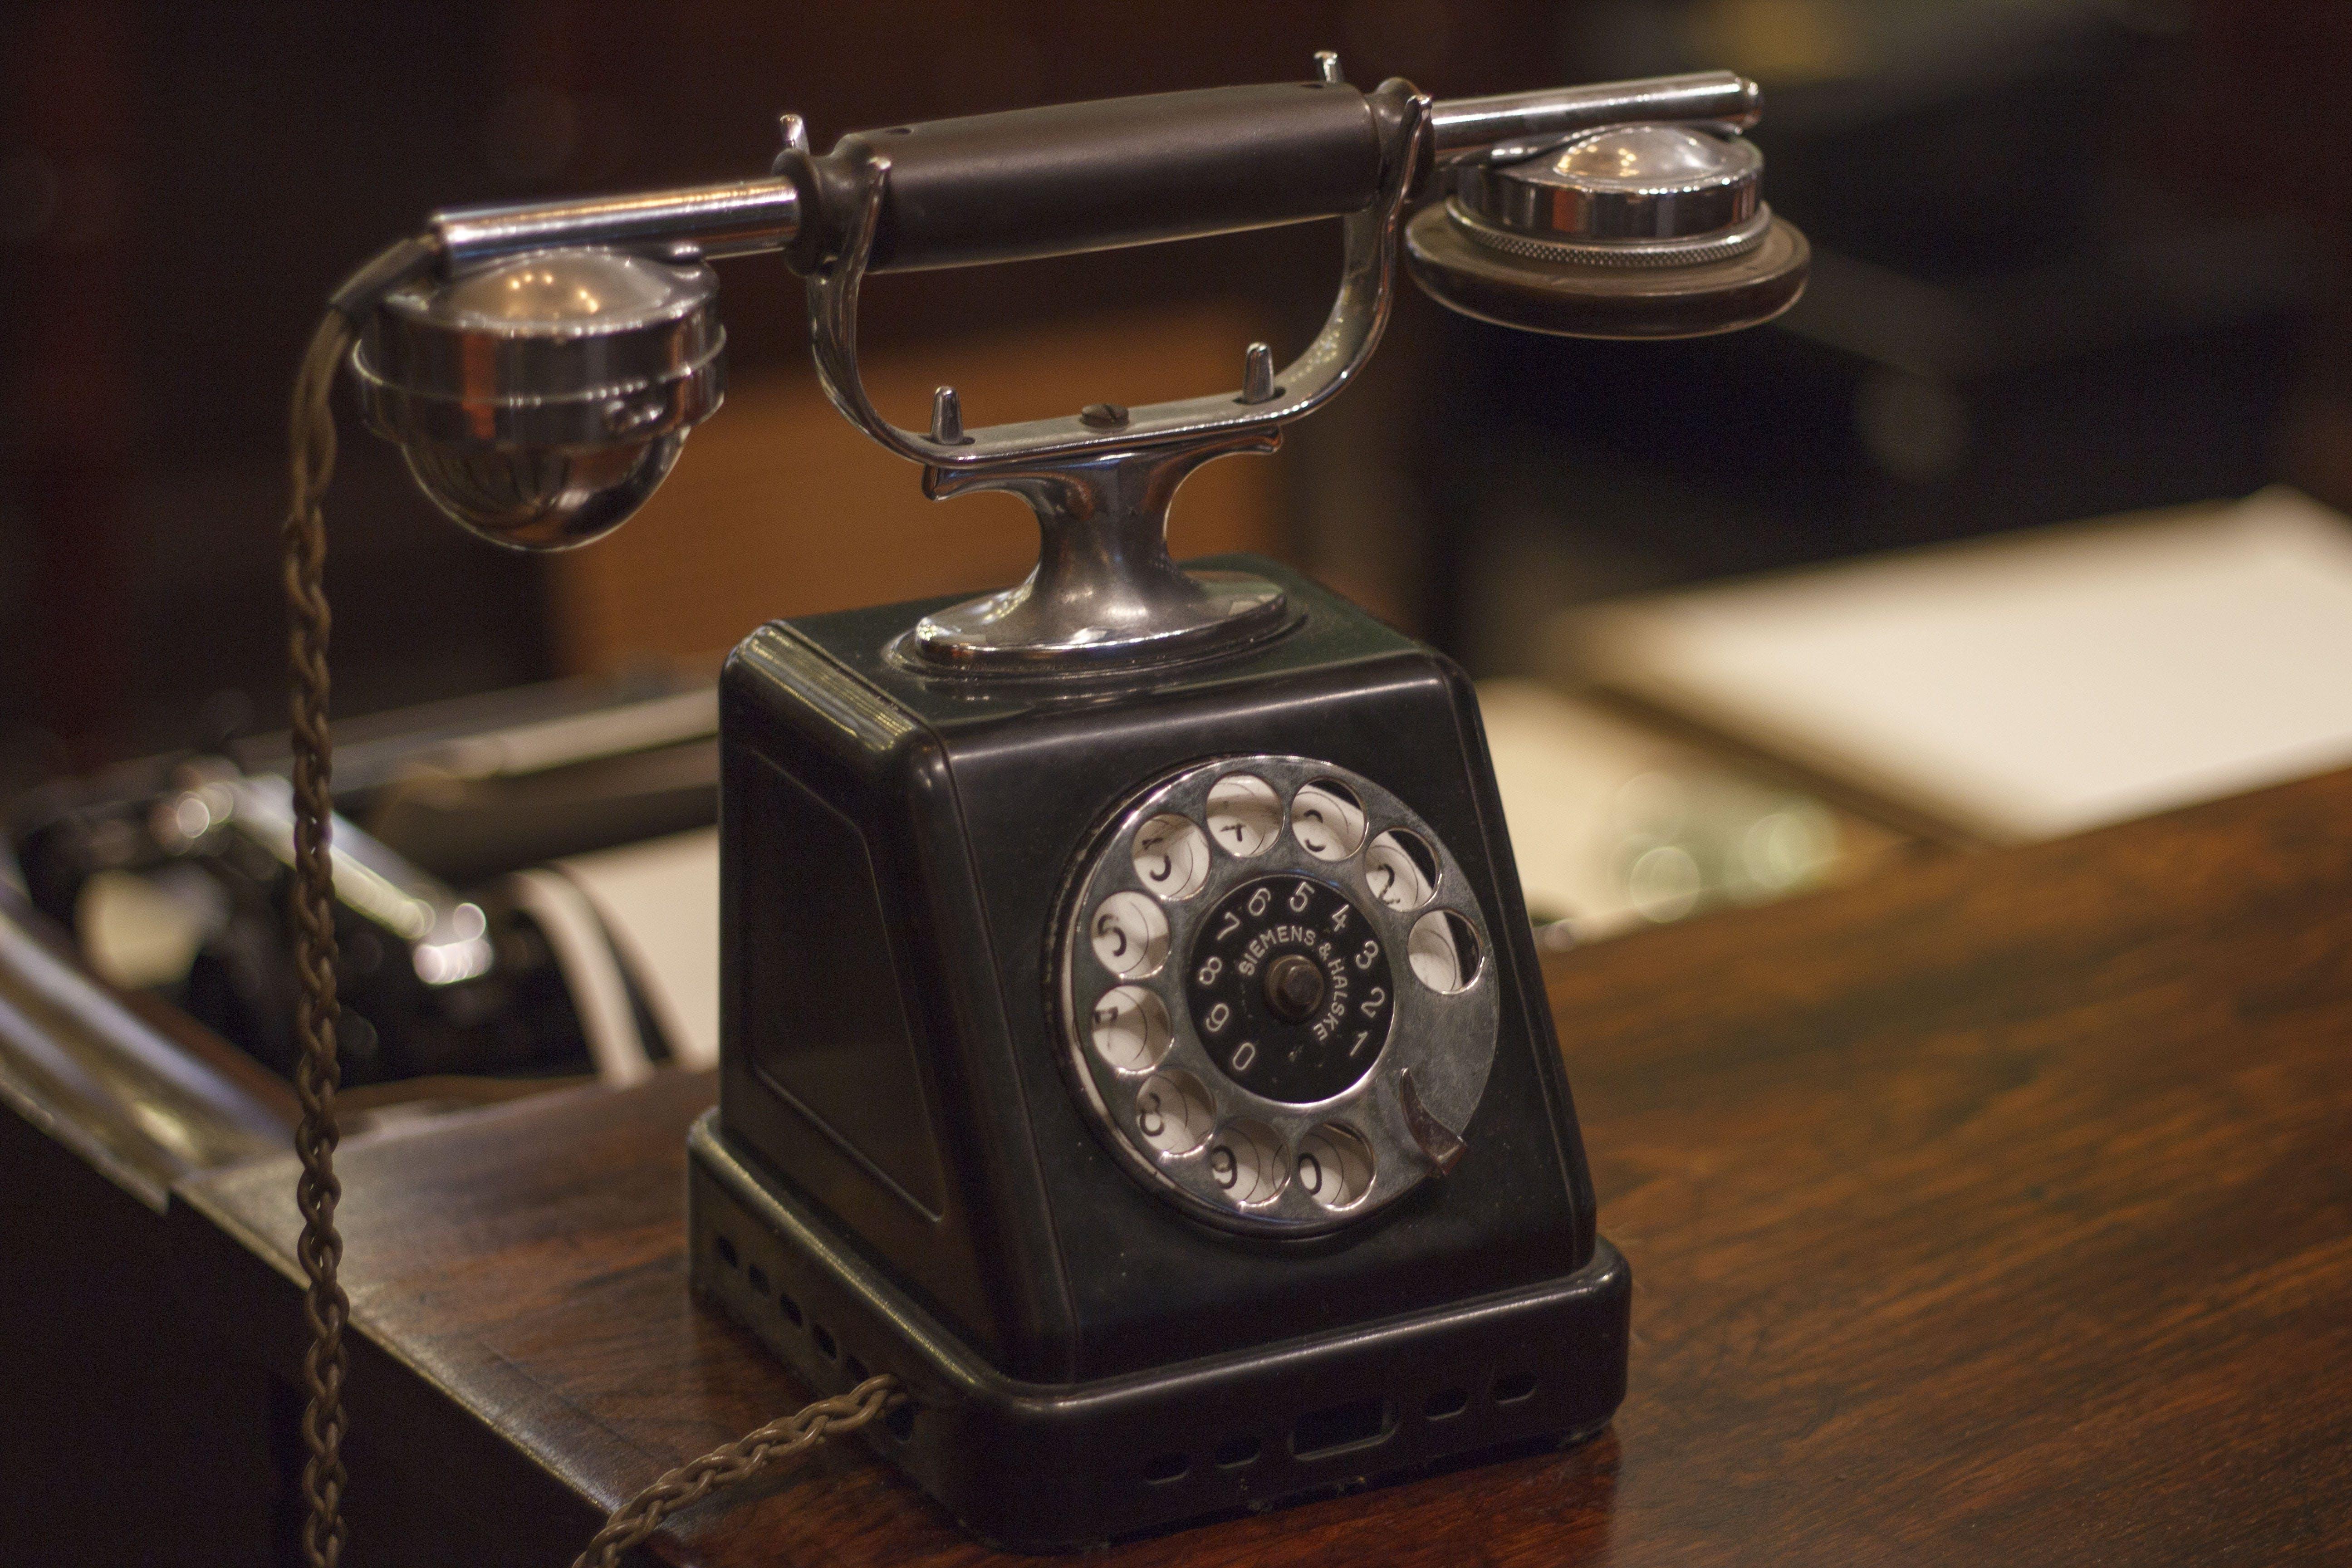 Free stock photo of old phone, vintage, vintage phone